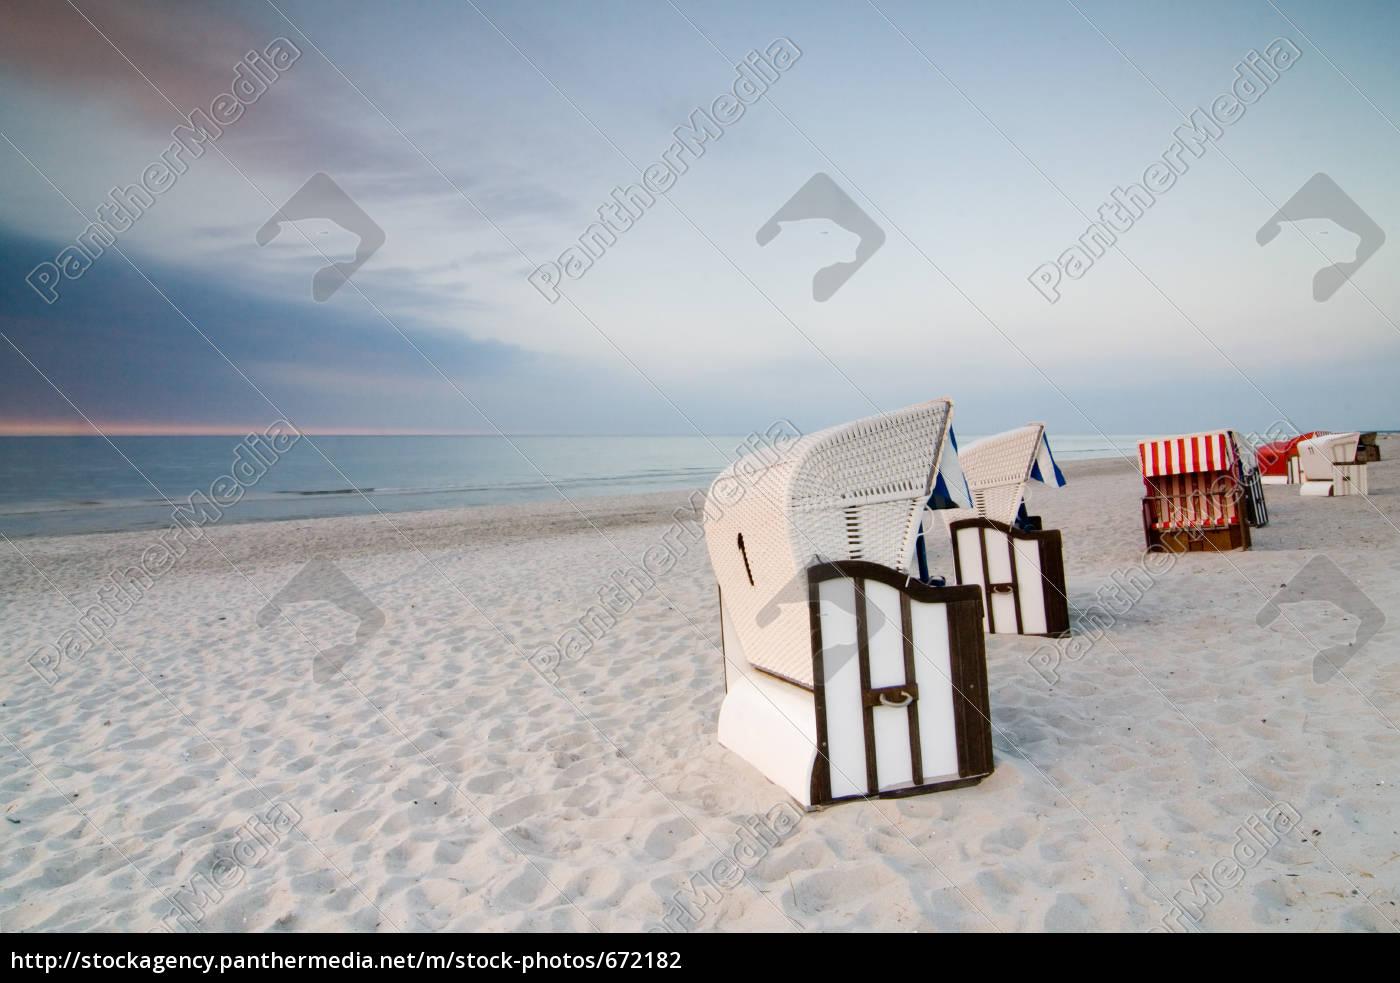 blue, hour, on, the, beach - 672182